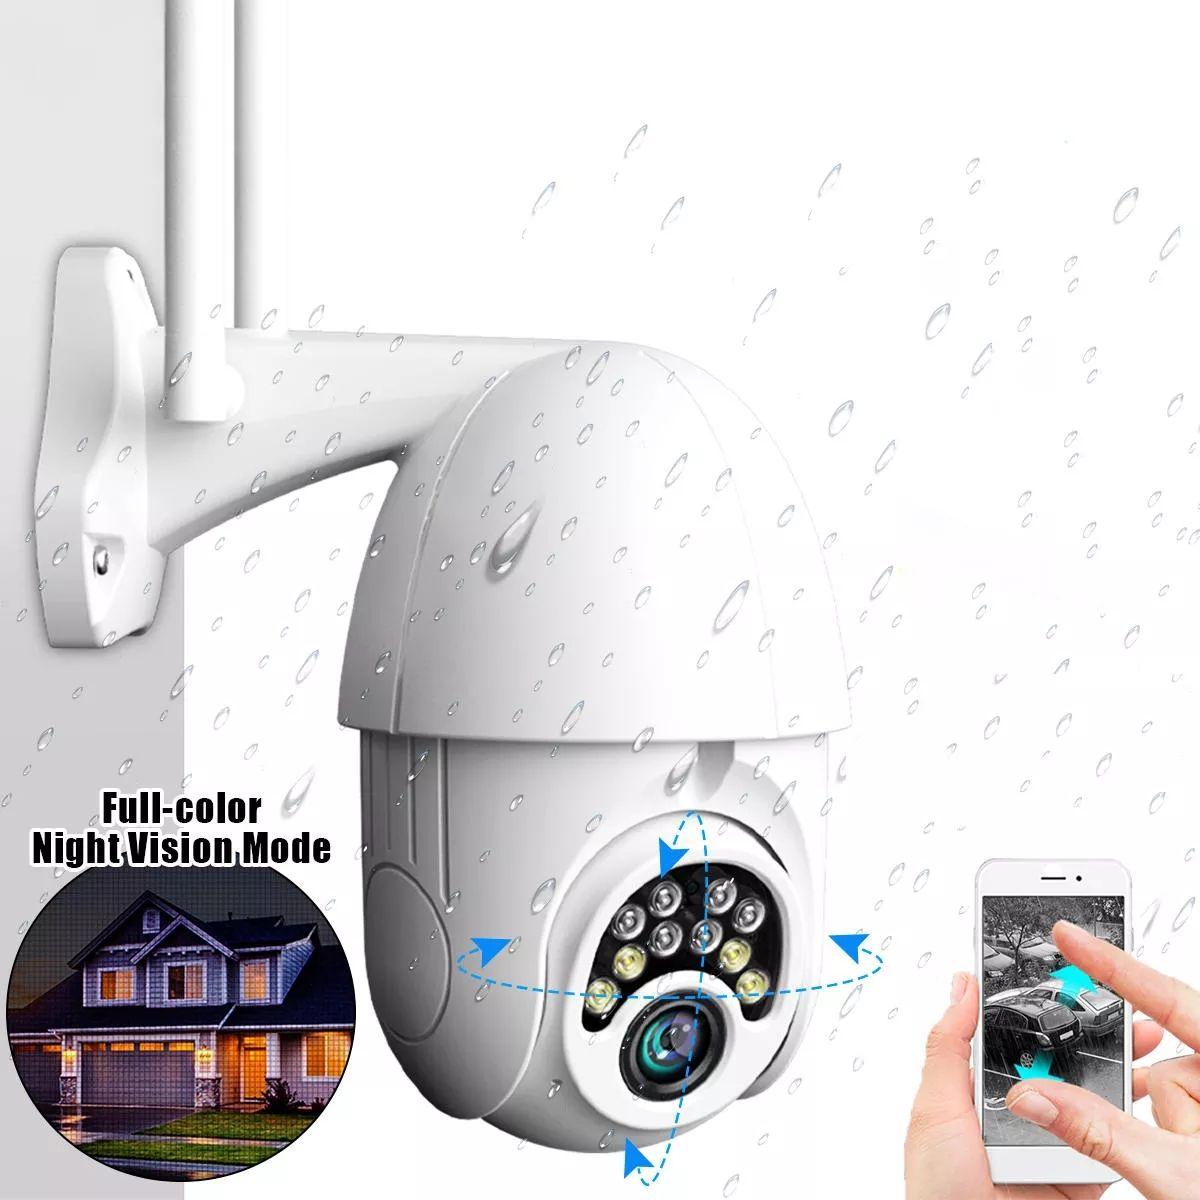 كاميرا 10LED 5X زووم HD 2MP الأمن IP لاسلكية واي فاي 1080P في الهواء الطلق PTZ ليلة الرؤية مقاوم للماء ONVIF - الاتحاد الأوروبي قابس